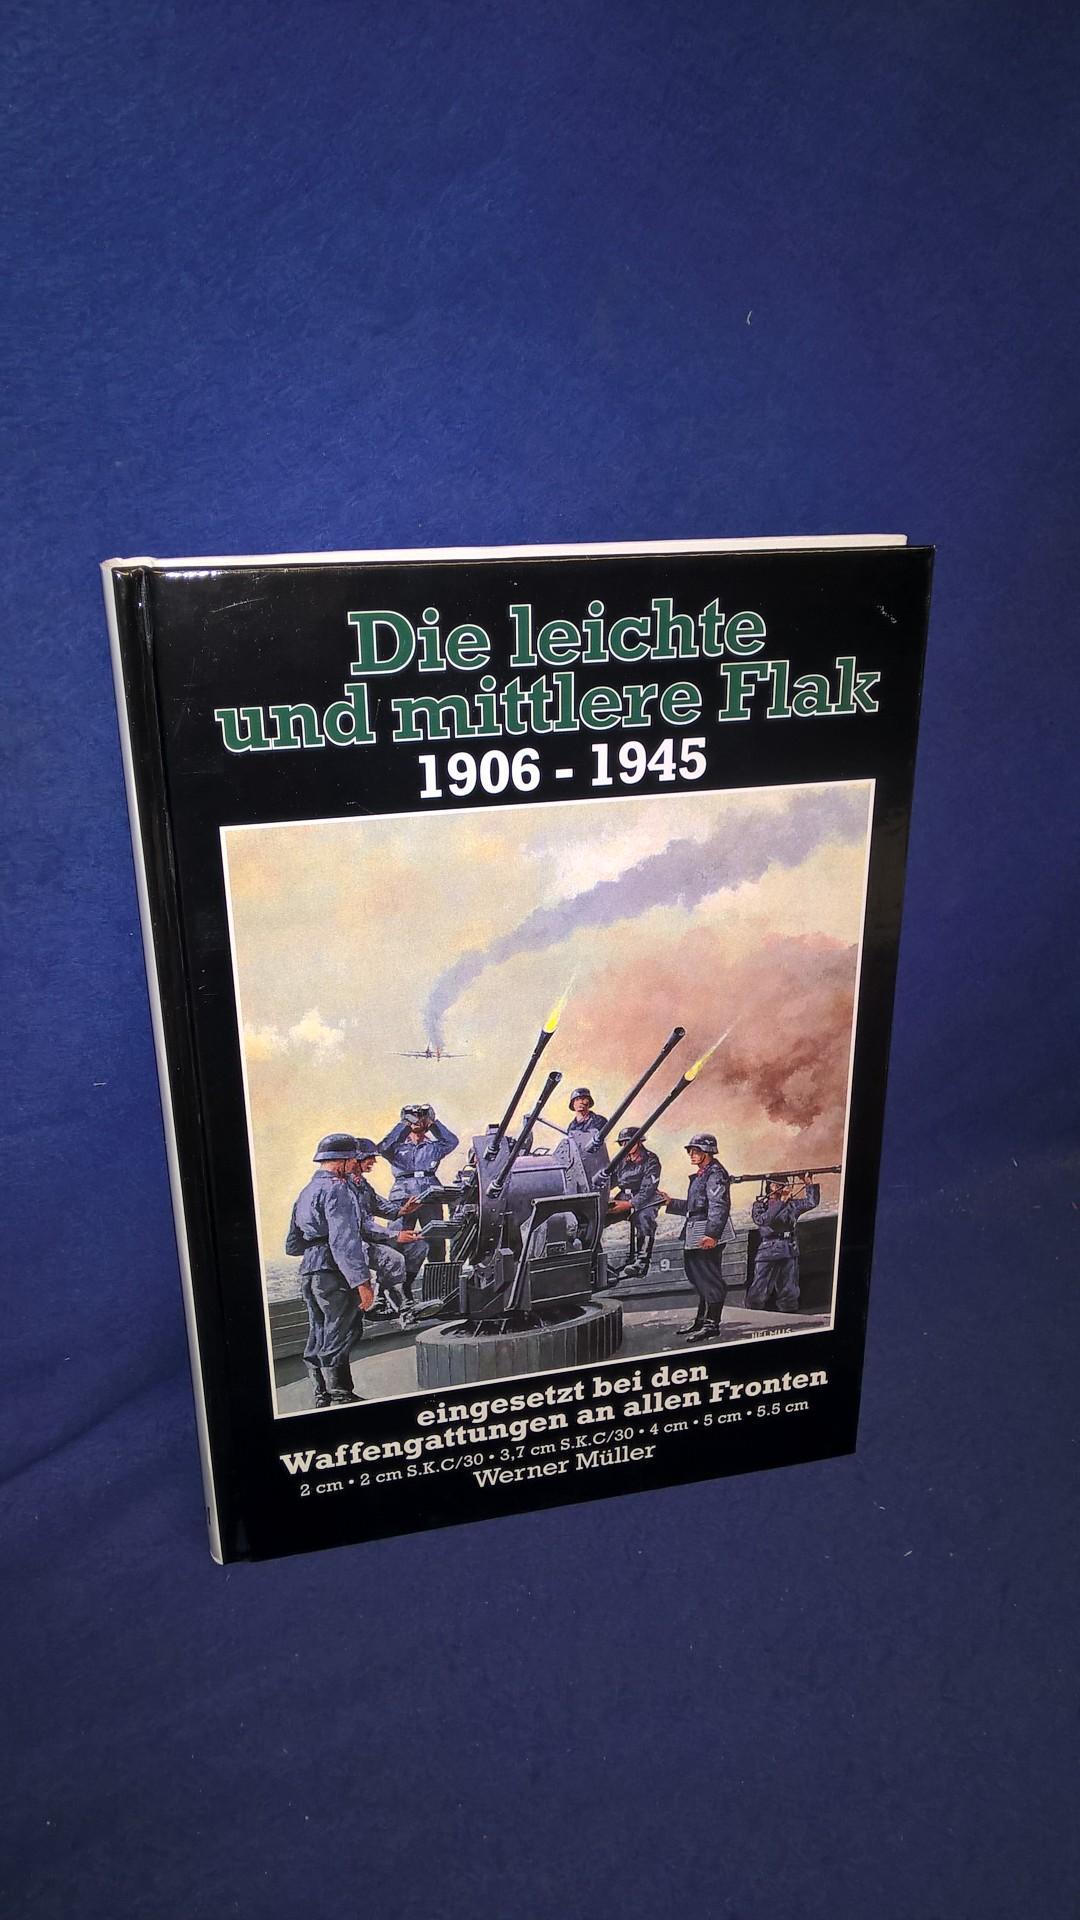 Die leichte und mittlere Flak 1906 - 1945. Eeingesetzt bei den Waffengattungen an allen Fronten ; 2 cm, 2 cm S.K.C., 30, - 3,7 cm S.K.C./30, 4 cm, 5 cm, 5,5 cm.